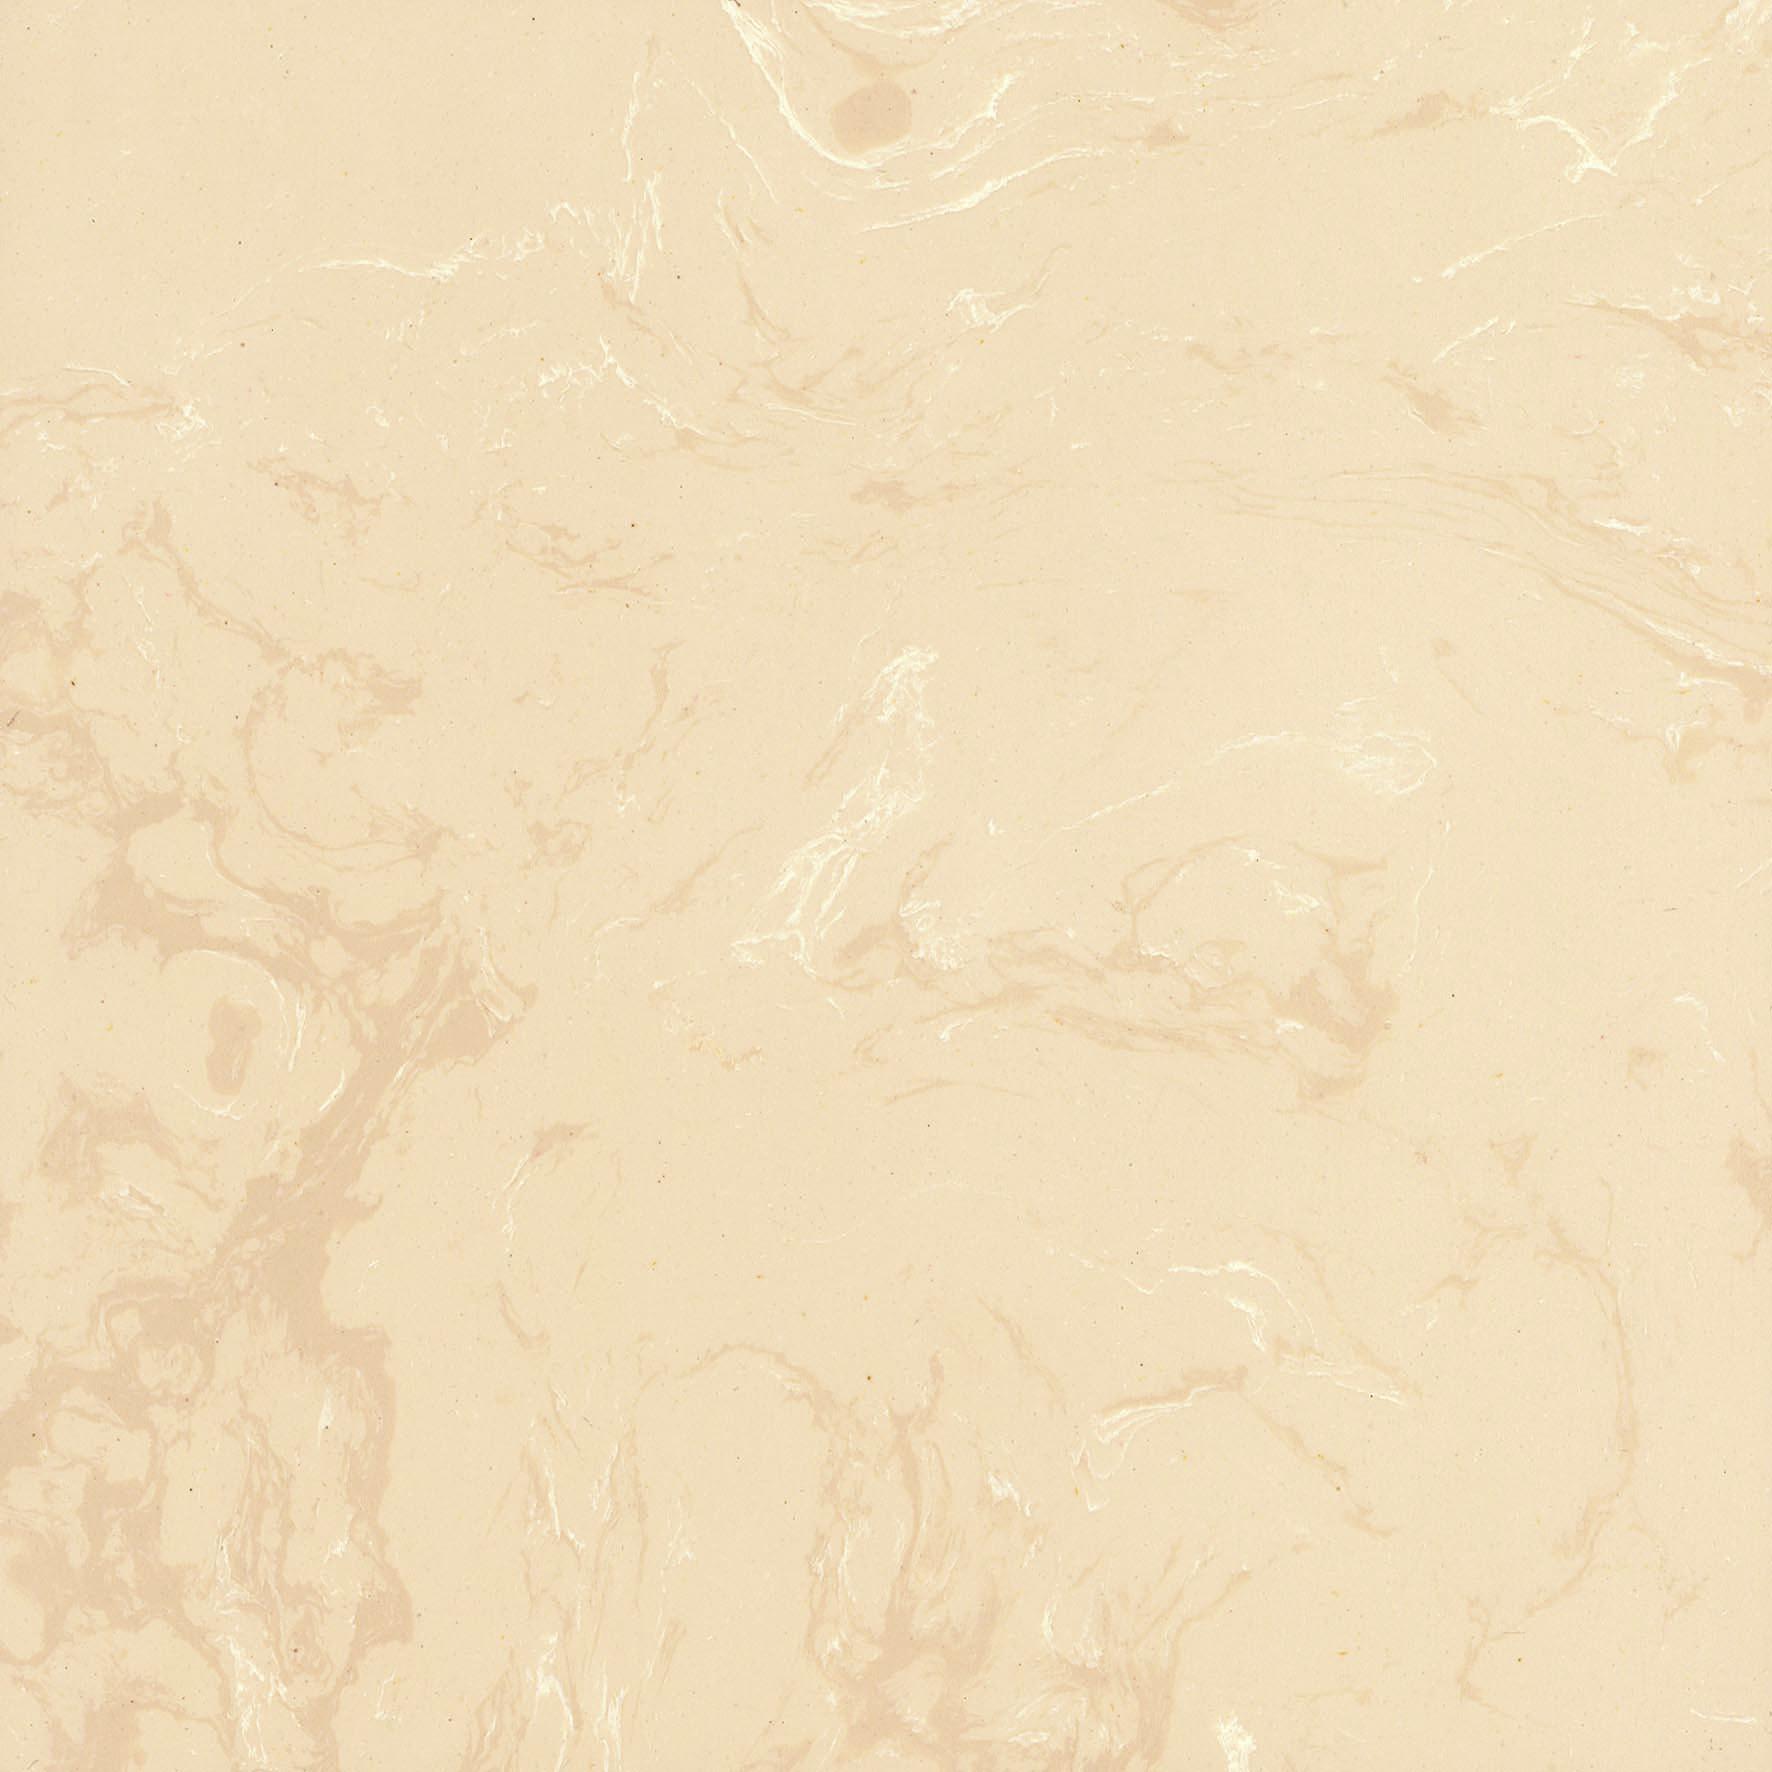 Beige Marble Century Cream Artificial Quartz Stone Buy